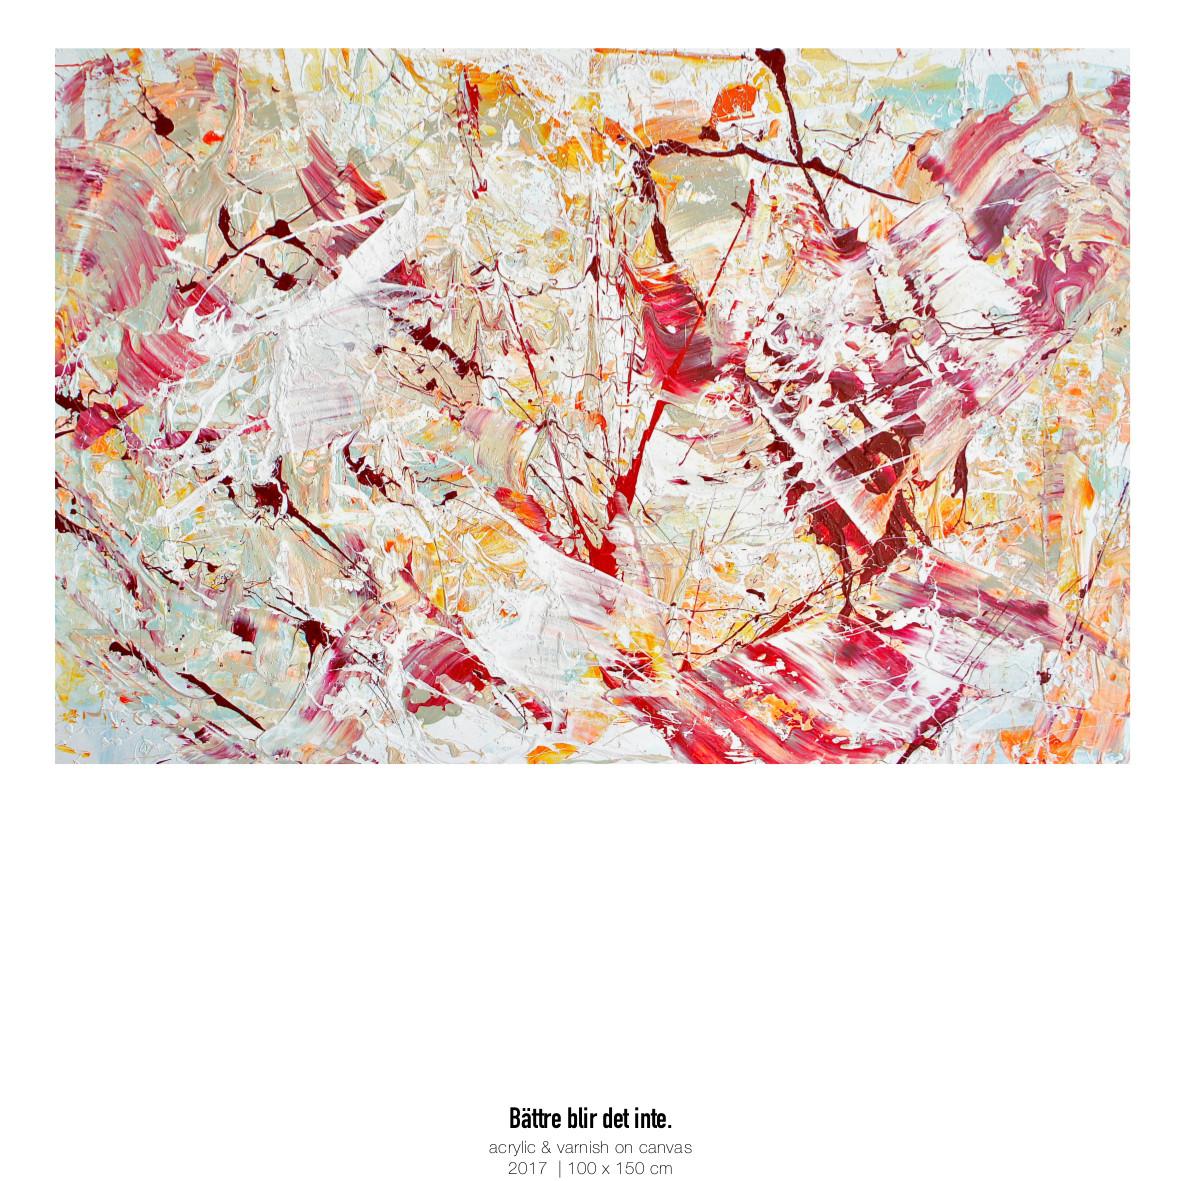 Theresa Kallrath Kallart_Bättre blir det inte_Artist_Art_Contemporary Art